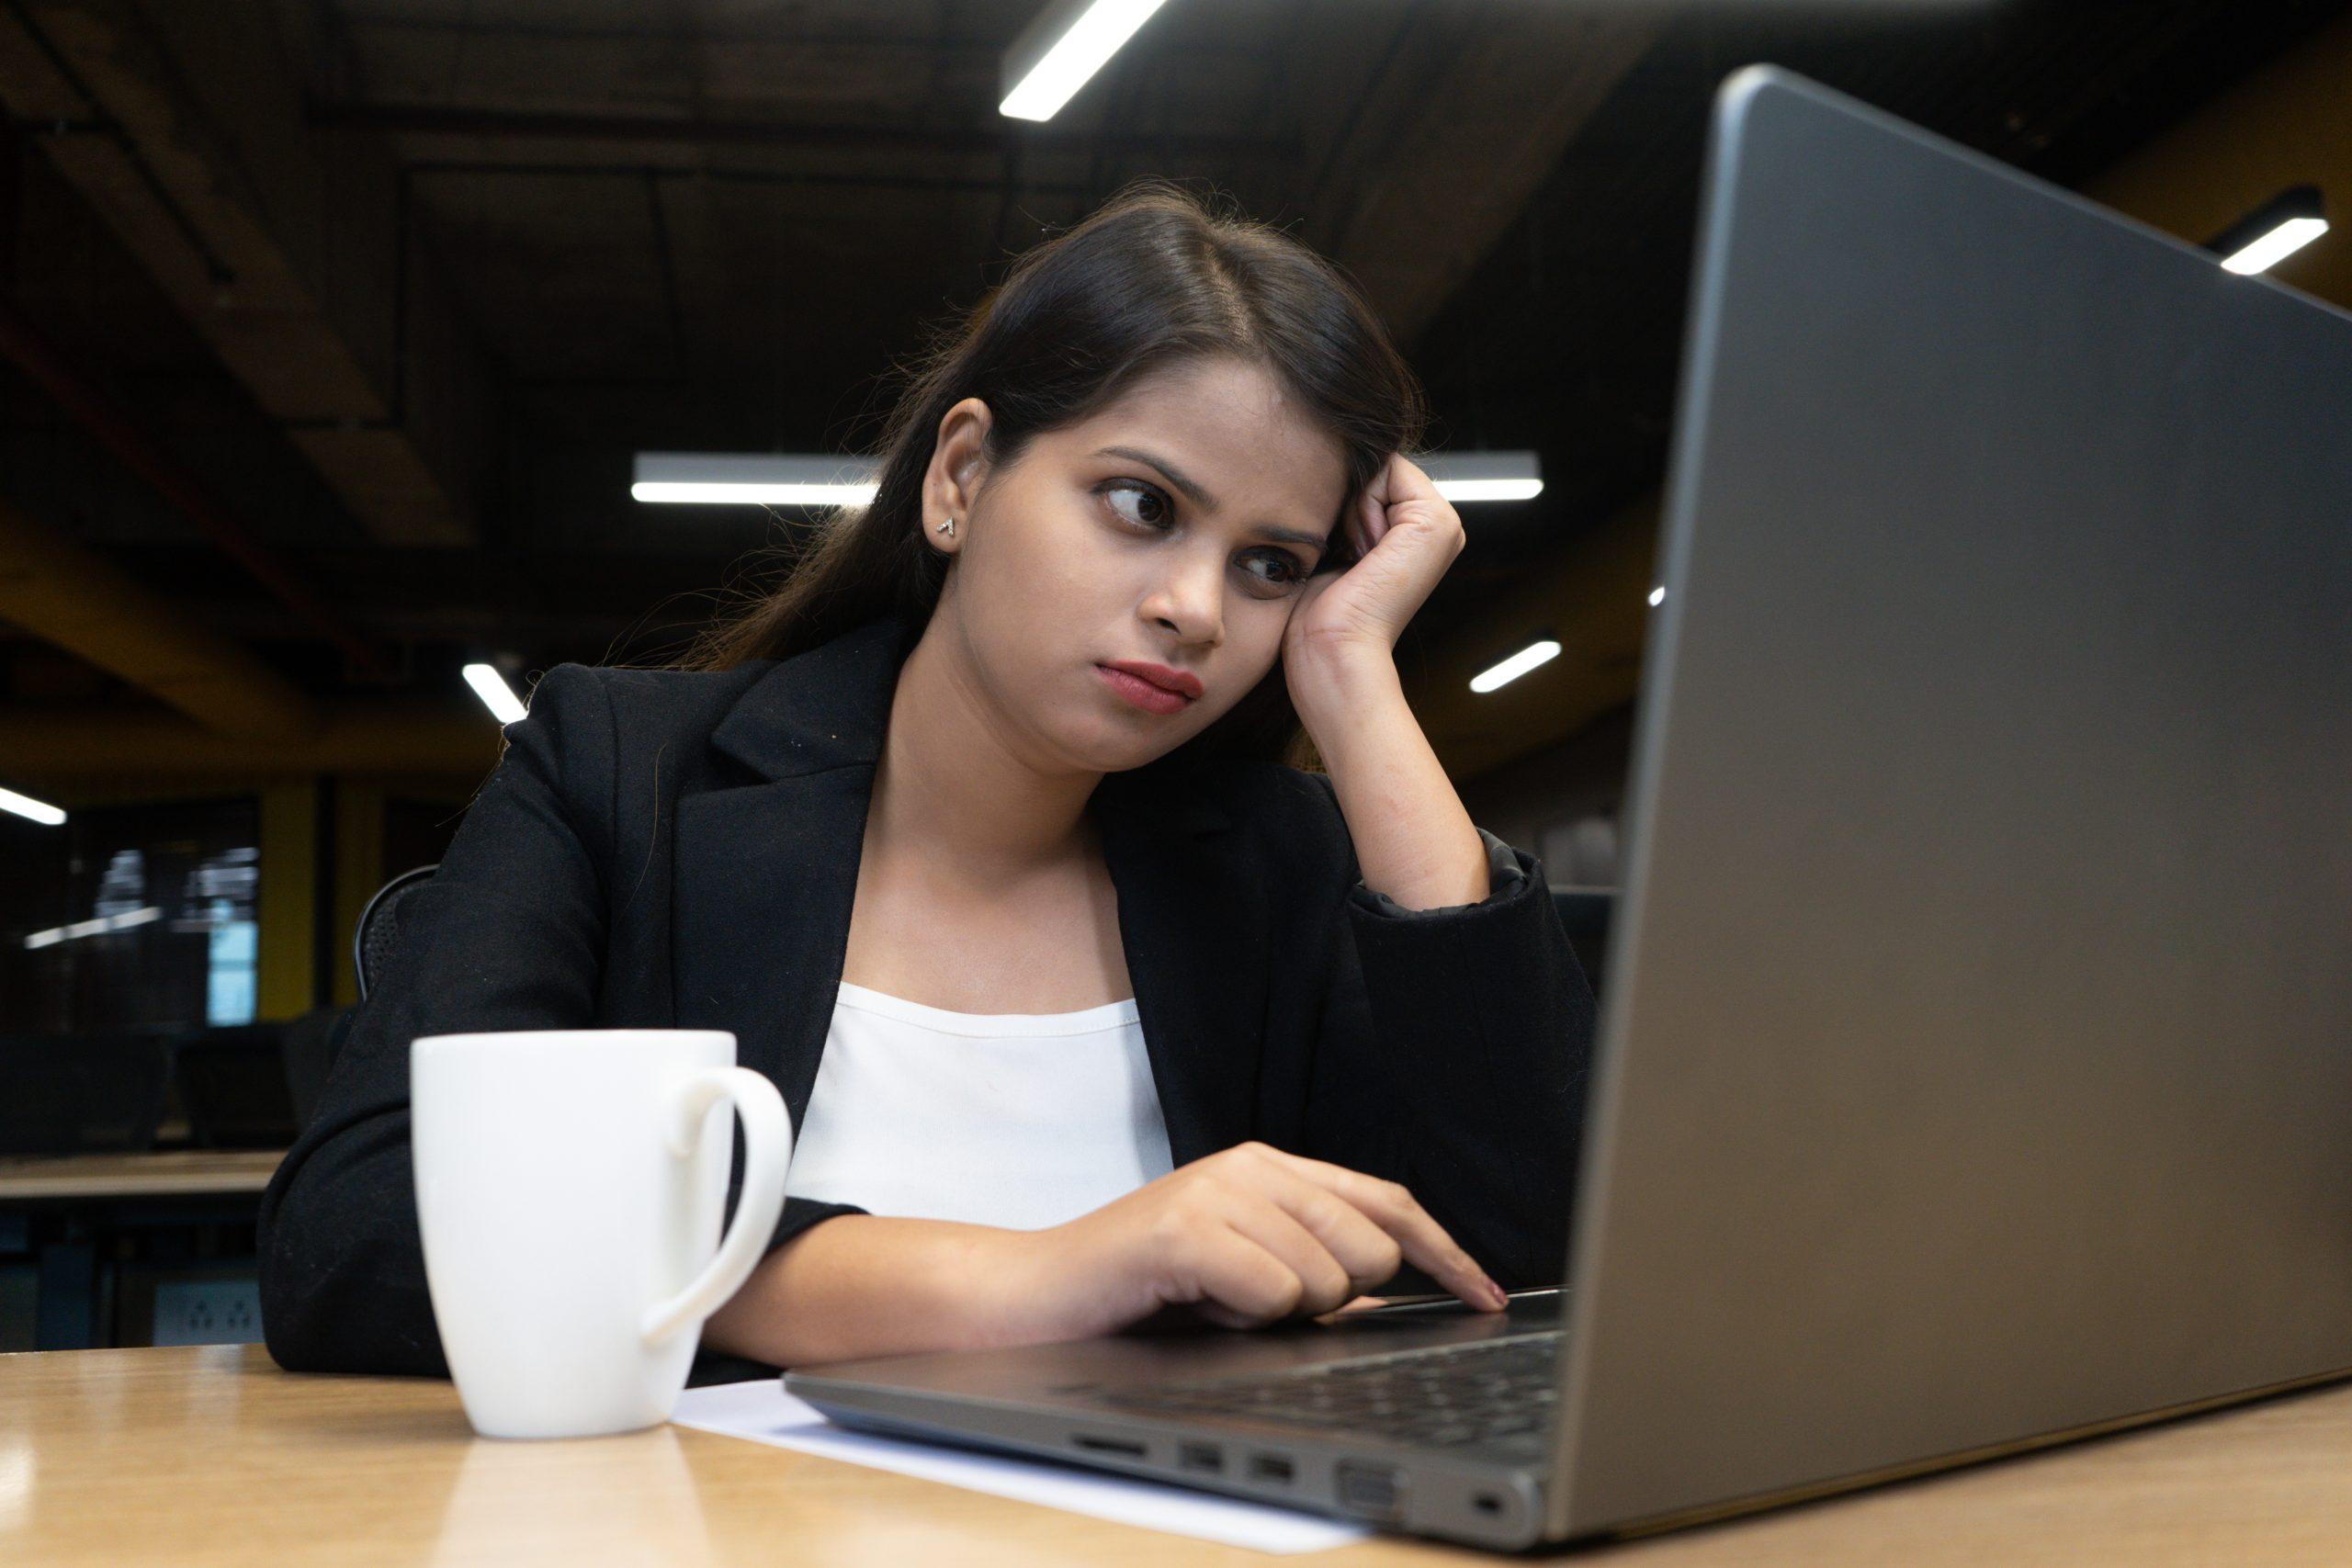 Overworked employee in office